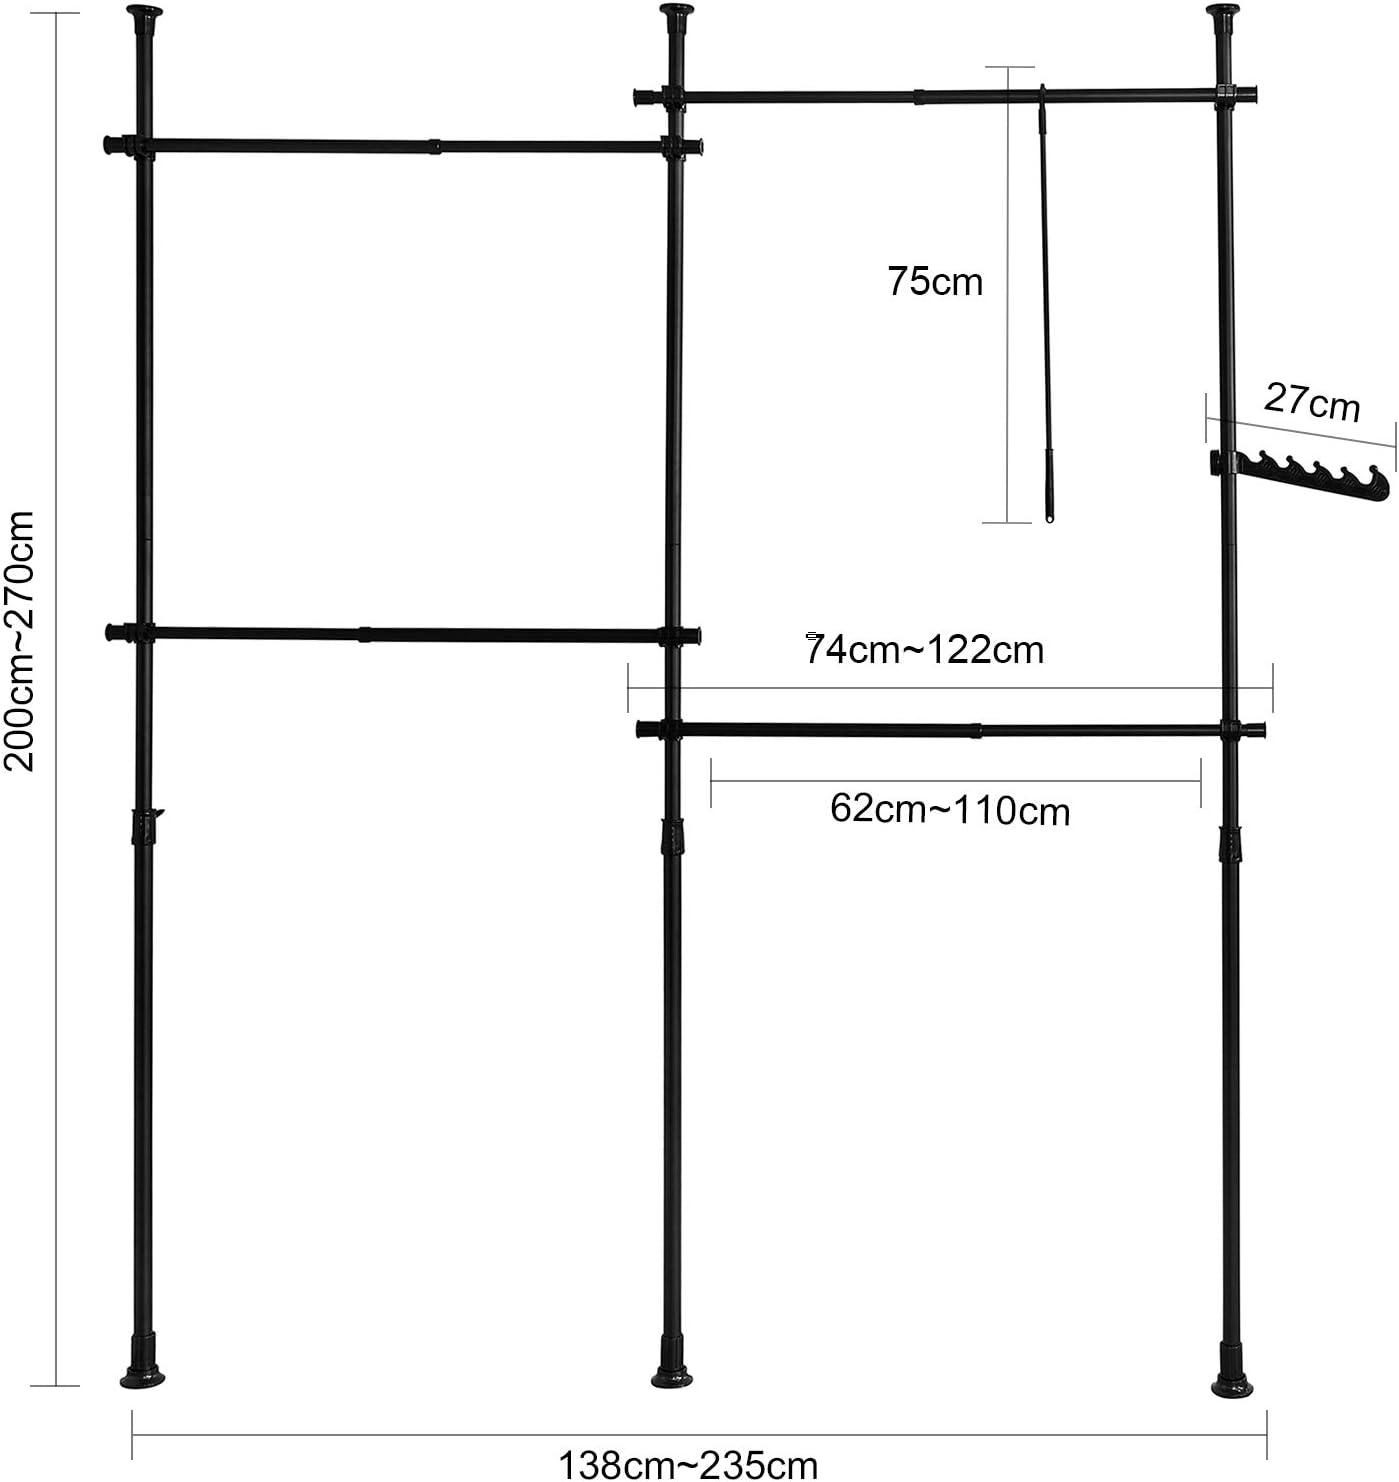 SoBuy KLS03-SCH Kleiderst/änder Garderobenst/änder mit 4 Kleiderstangen Teleskop Garderoben System Verstellbares Regalsystem schwarz BH ca. 138-235x200-270cm